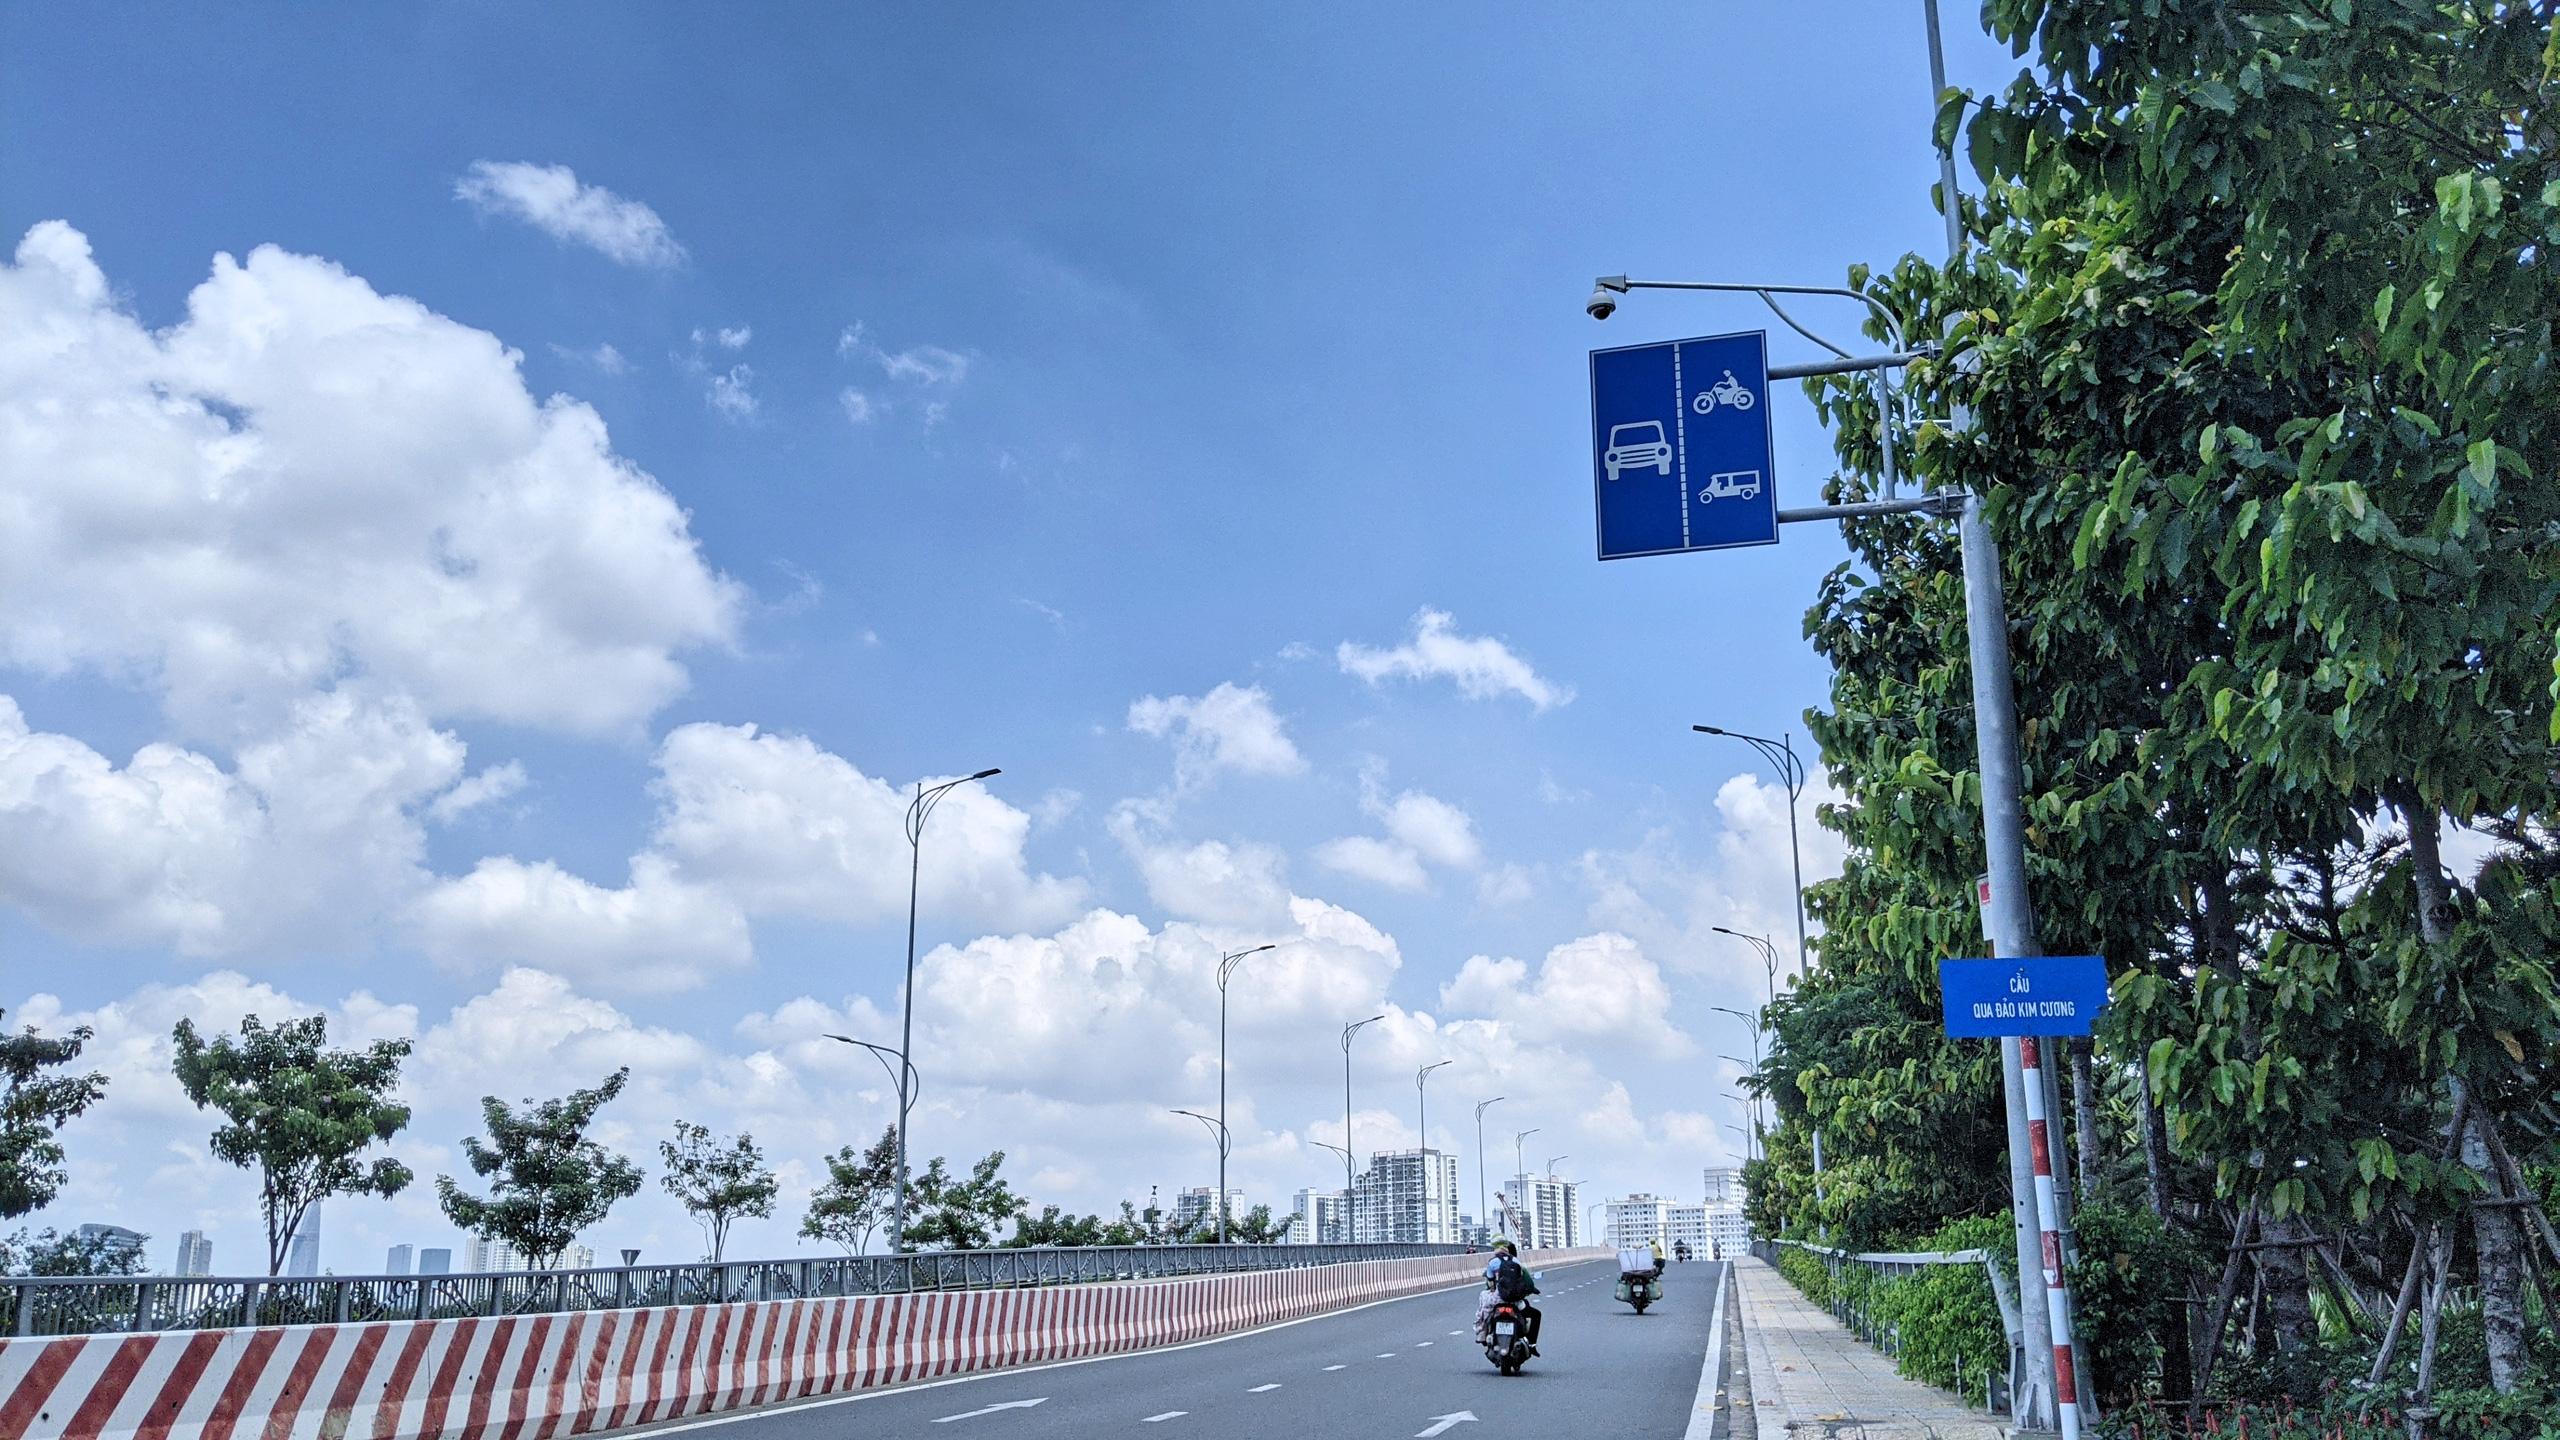 Ngắm những tuyến đường vừa được đặt tên ở TP Thủ Đức - Ảnh 4.